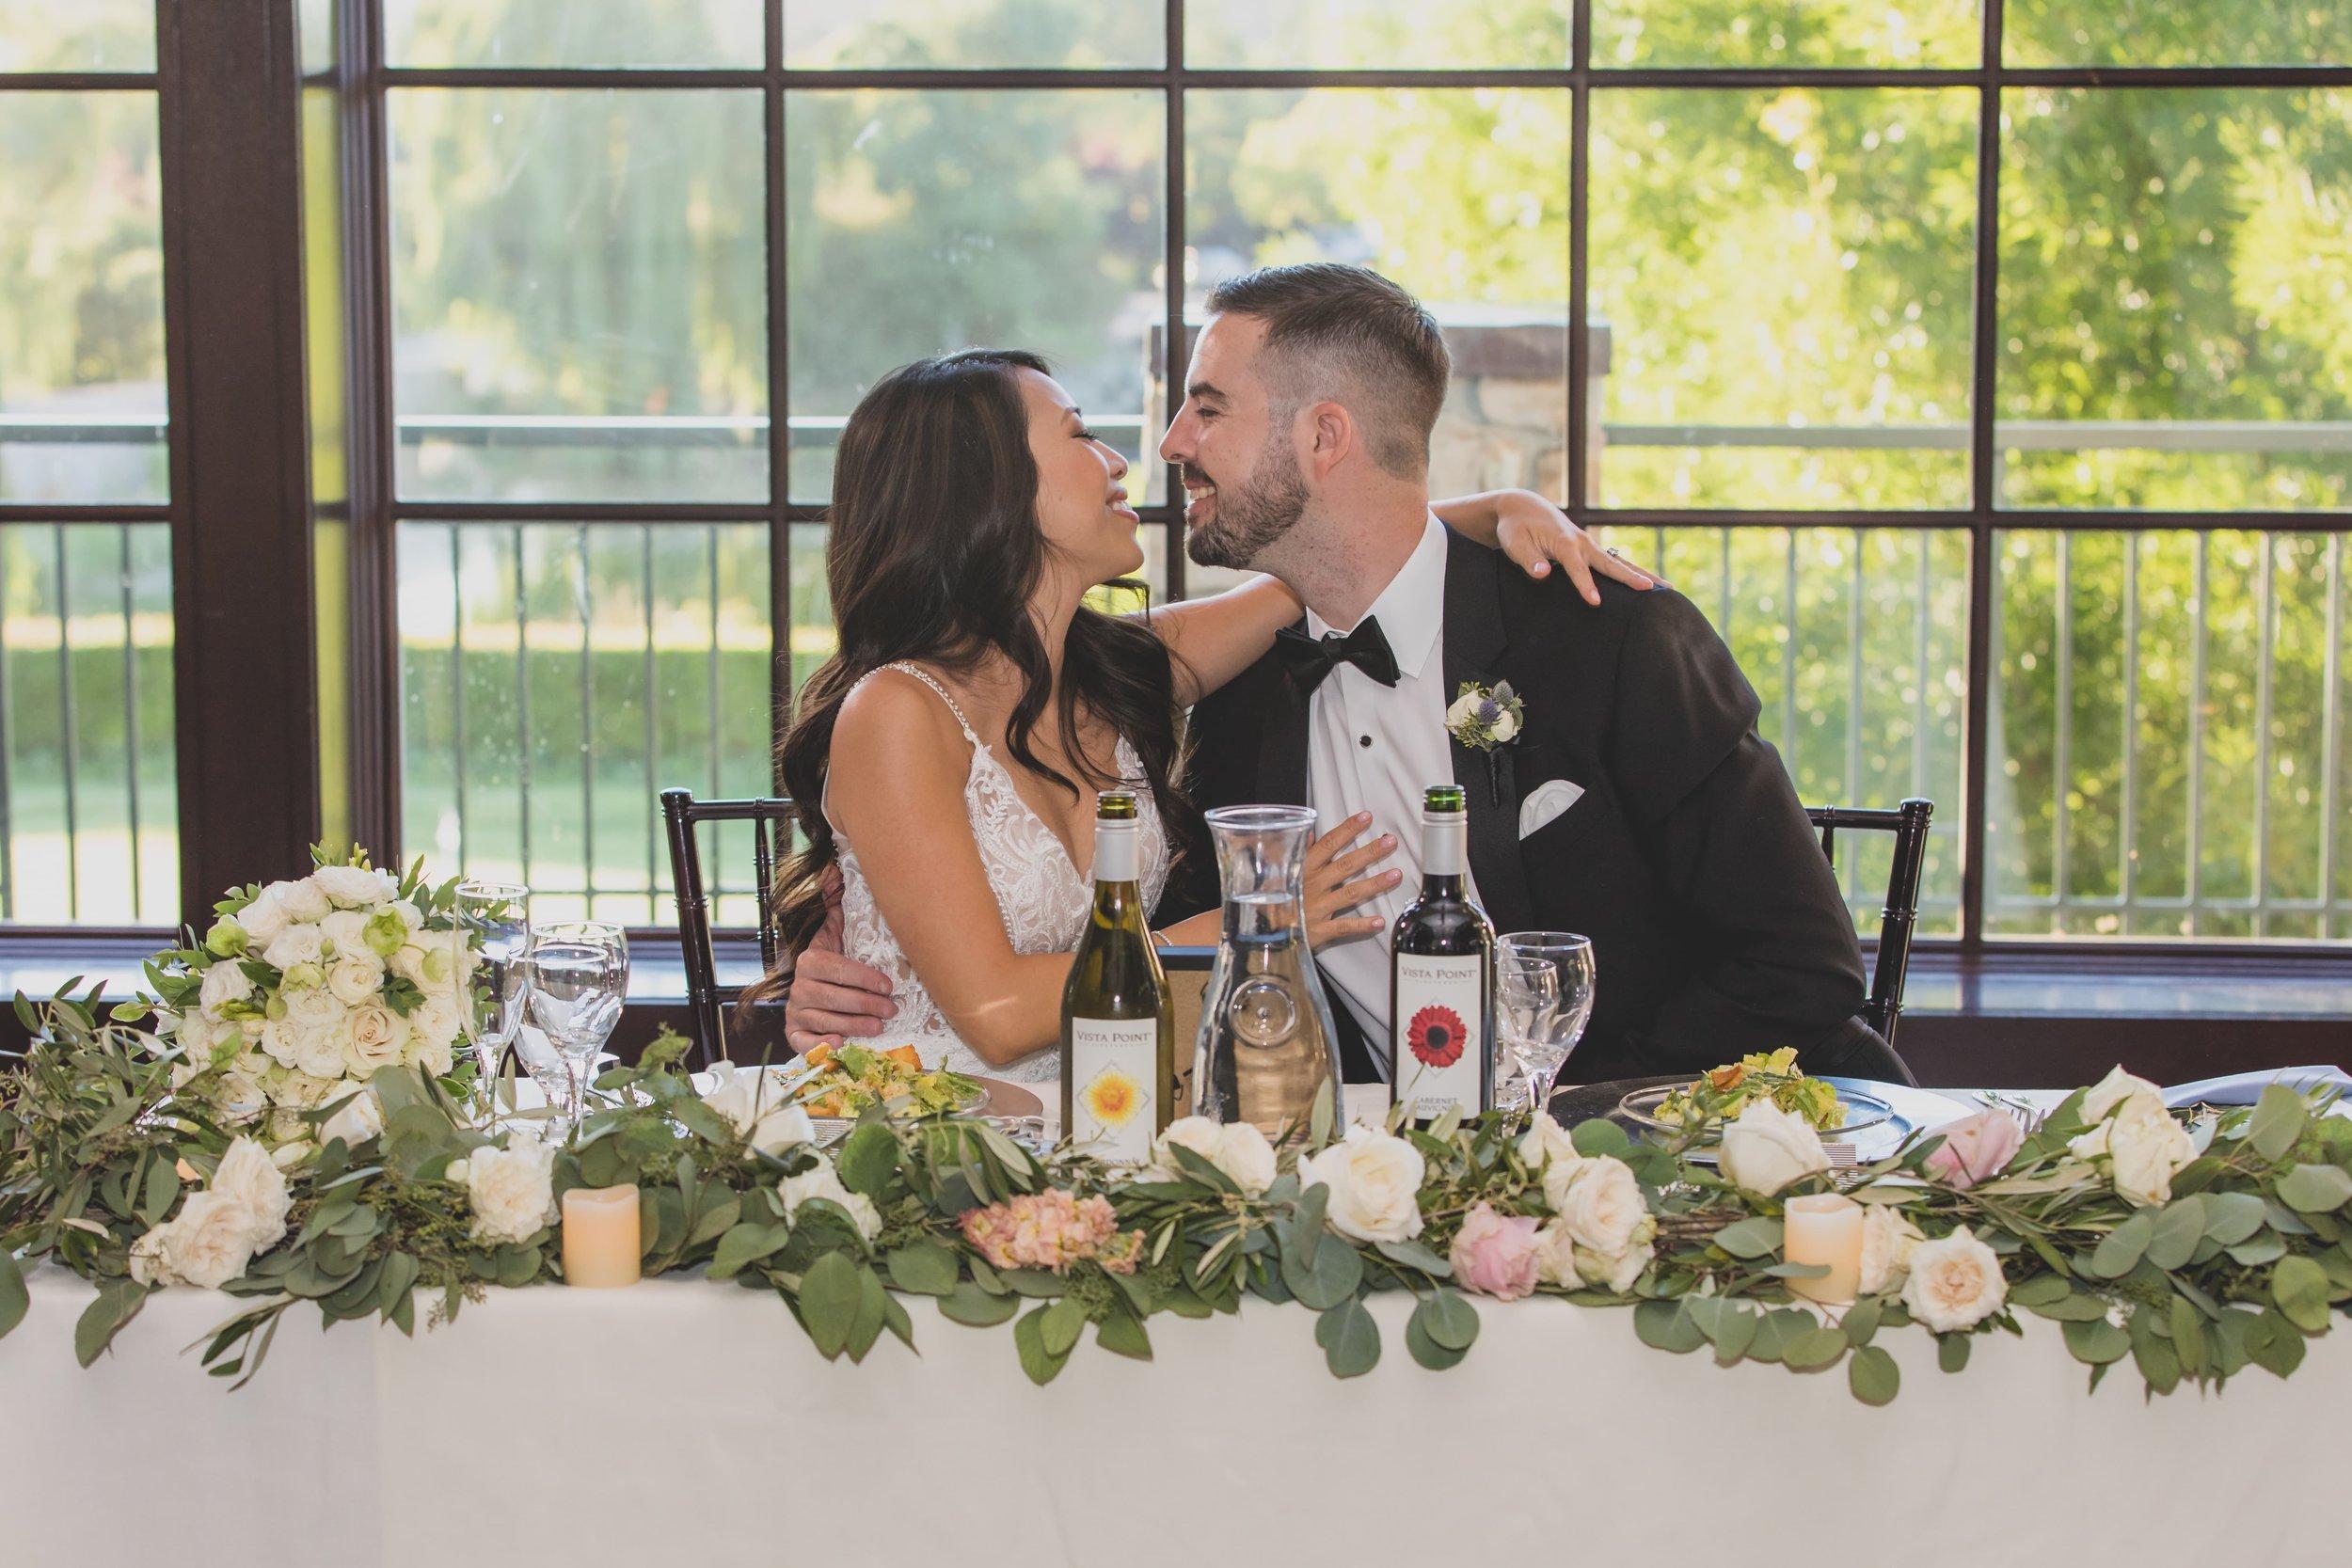 wedding-seating-chart-couple